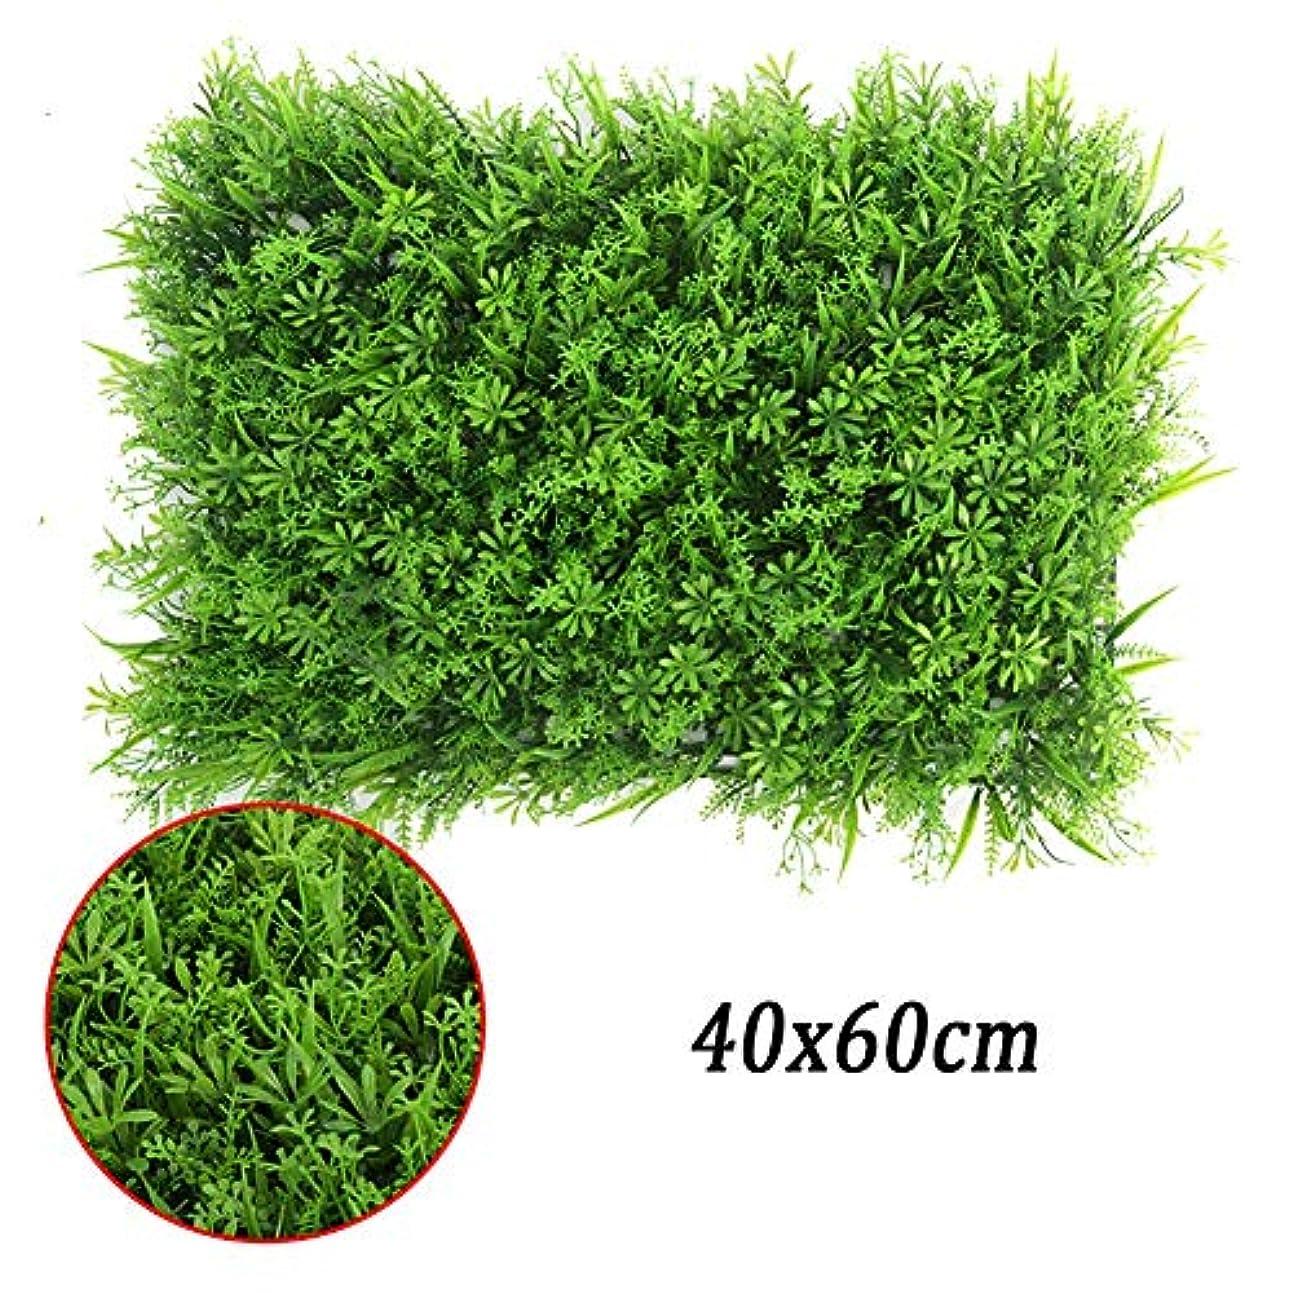 言い直す配列横向きXEWNEG 人工ヘッジパネル、壁を覆う庭の家の装飾用の緑の植物プライバシーフェンススクリーン(23.62x15.75インチ) (Color : B)